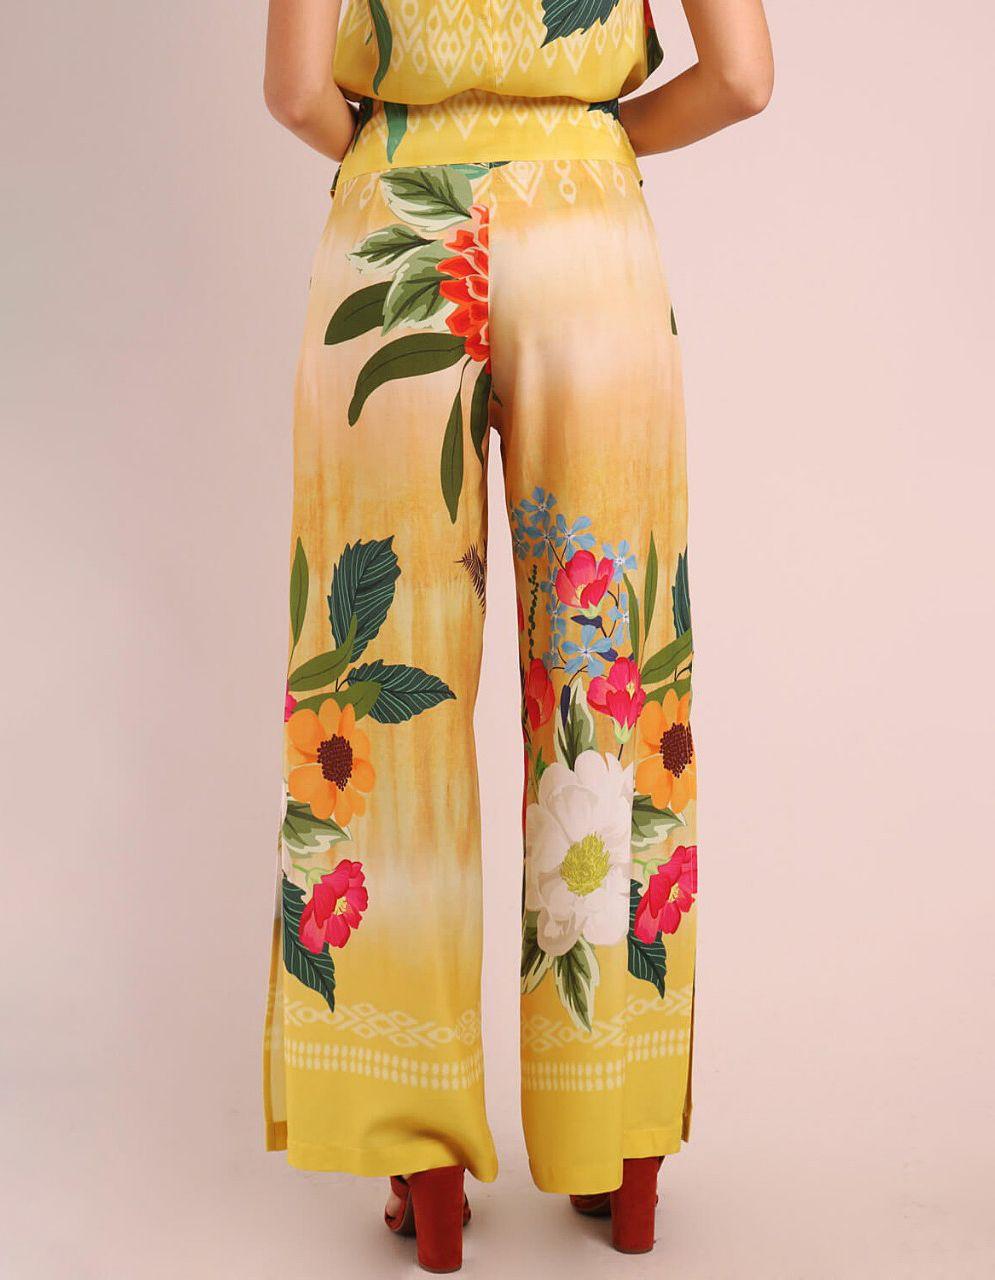 Pantalón largo verano azul o amarillo mostaza con abertura en piernas y cremallera lateral ajustable Malagueta-72084MAL-B